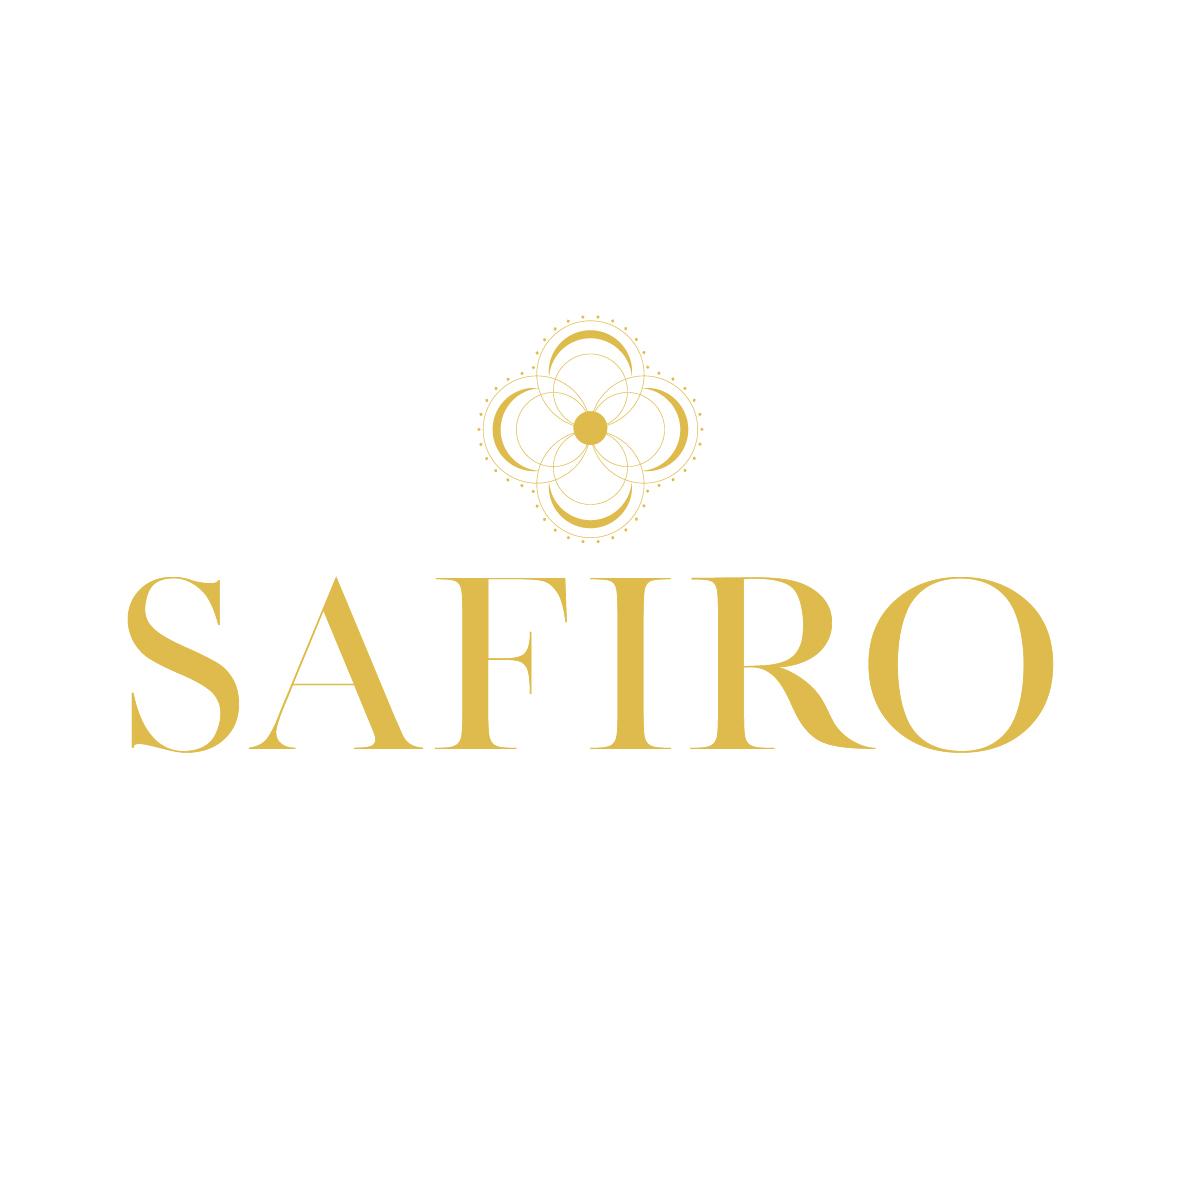 safiro_insta-03.jpg